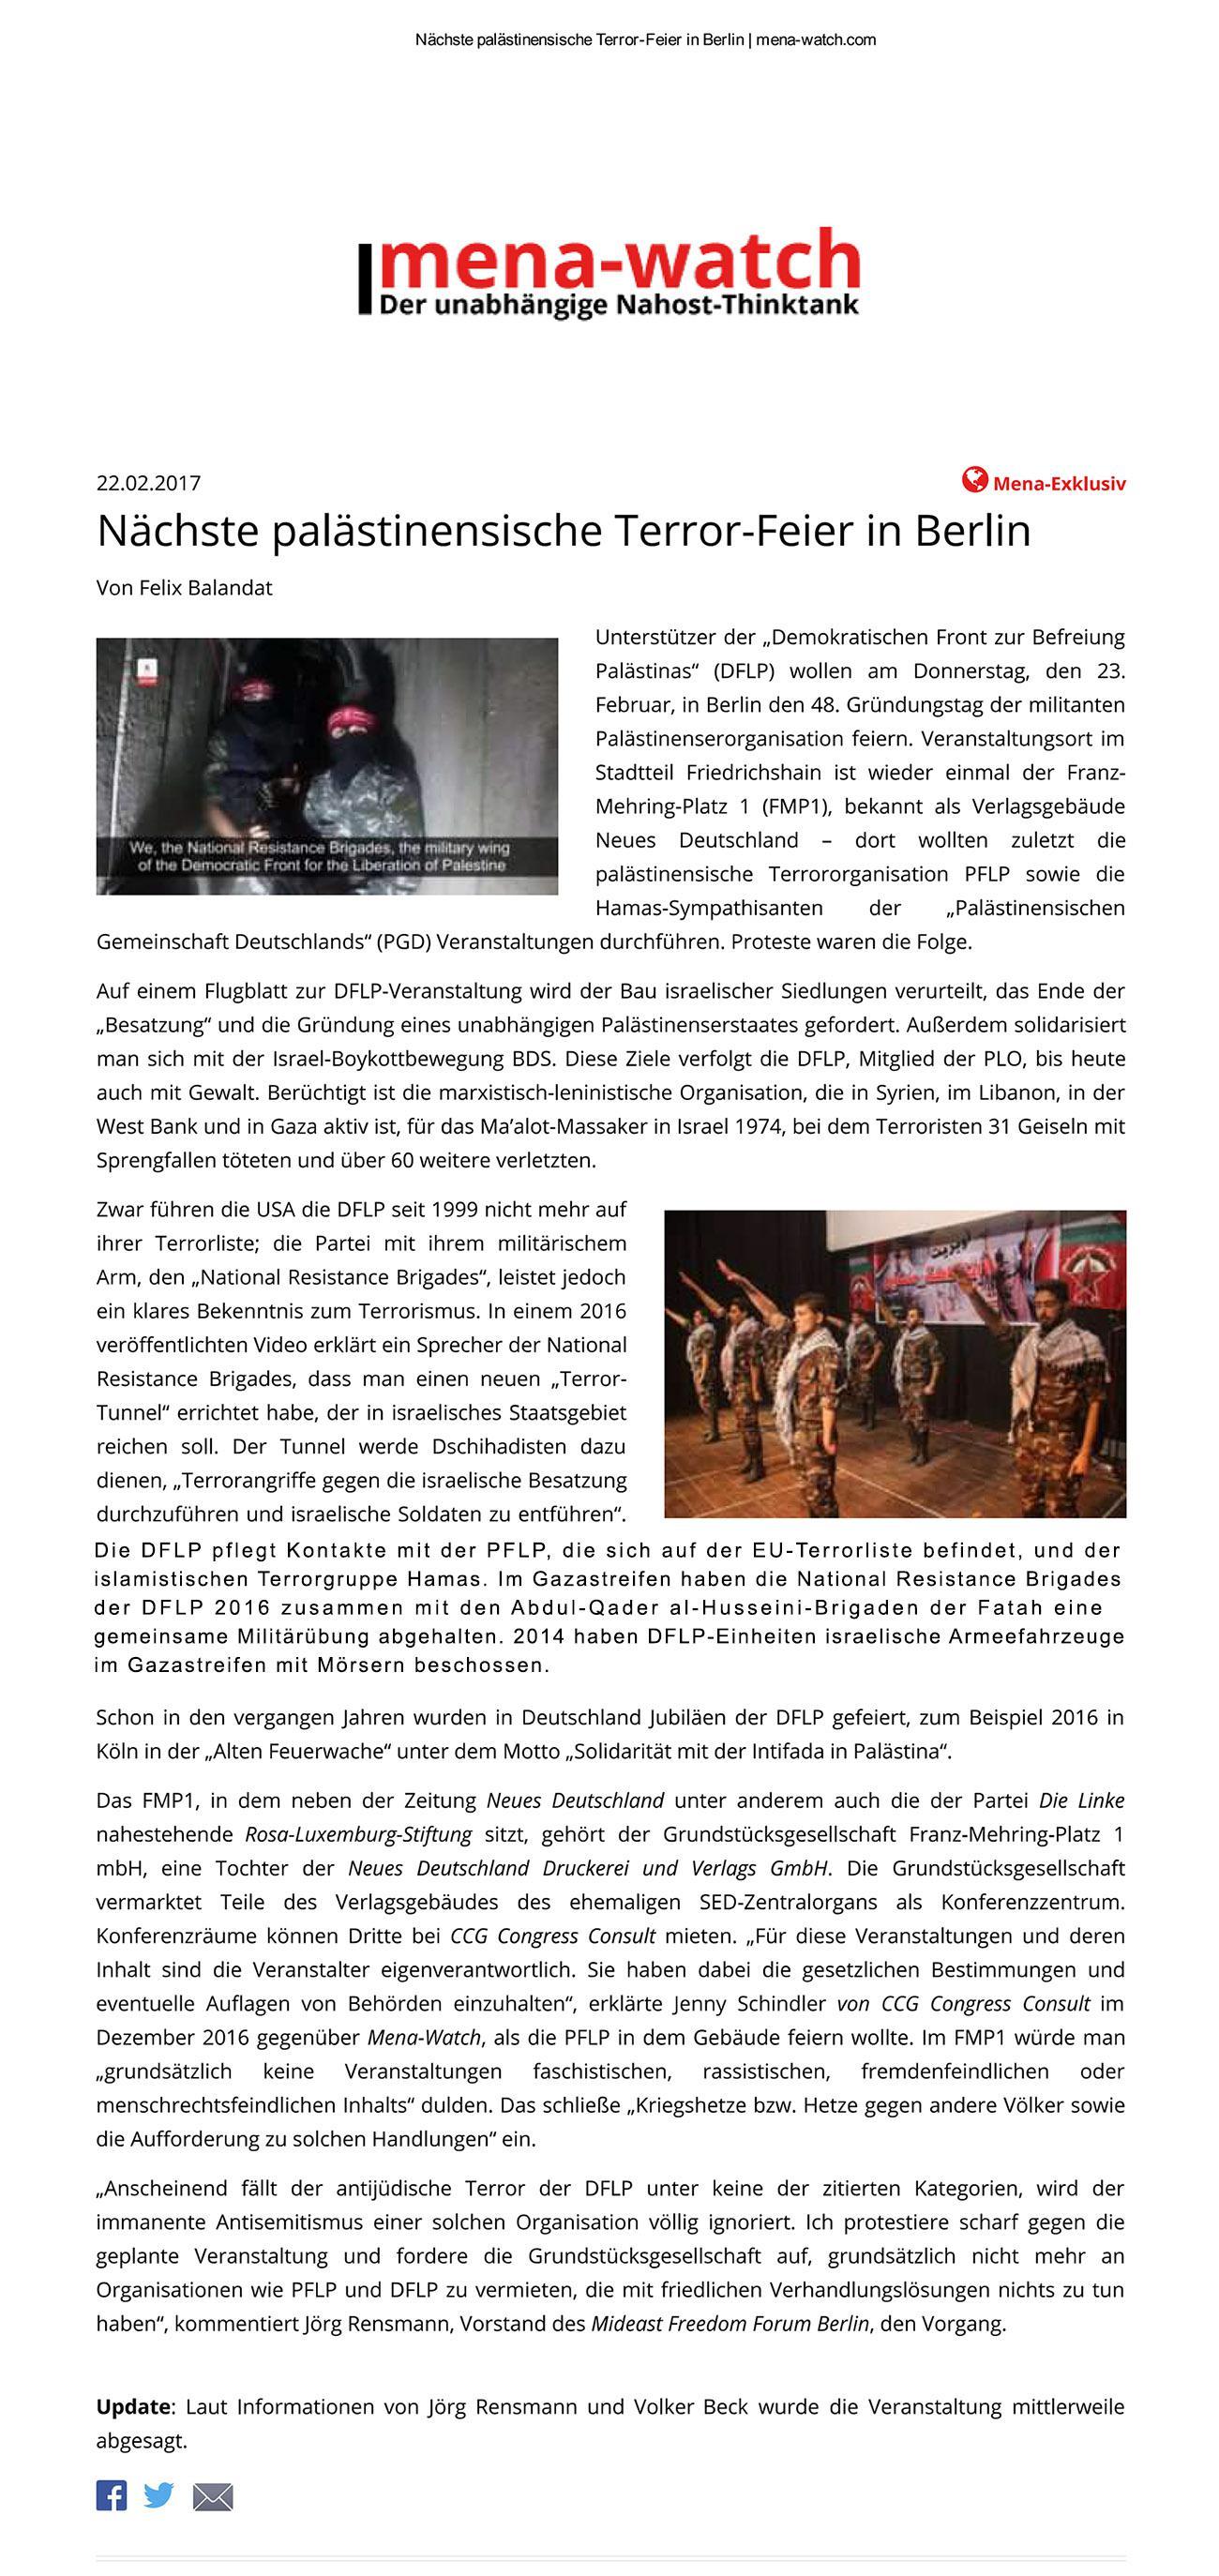 الغاء مهرجان الإتطلاقة ال 48 للجبهة الديمقراطية لتحرير فلسطين